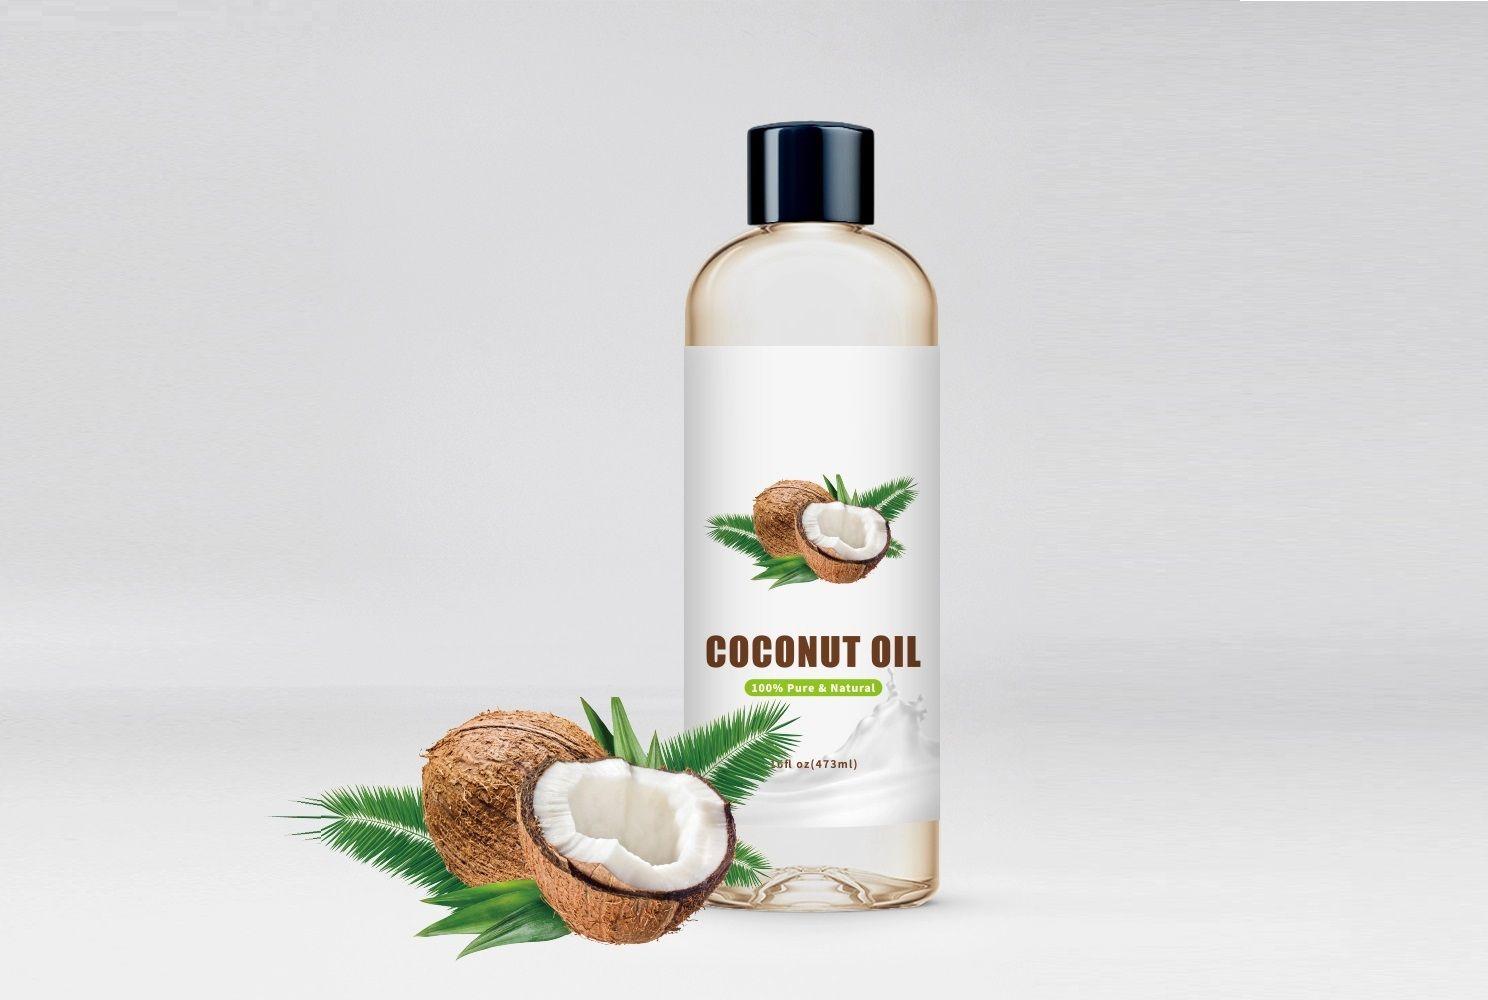 فوائد زيت جوز الهند العضوي الأصلي وأفضل أنواعه Oils Coconut Oil Coconut